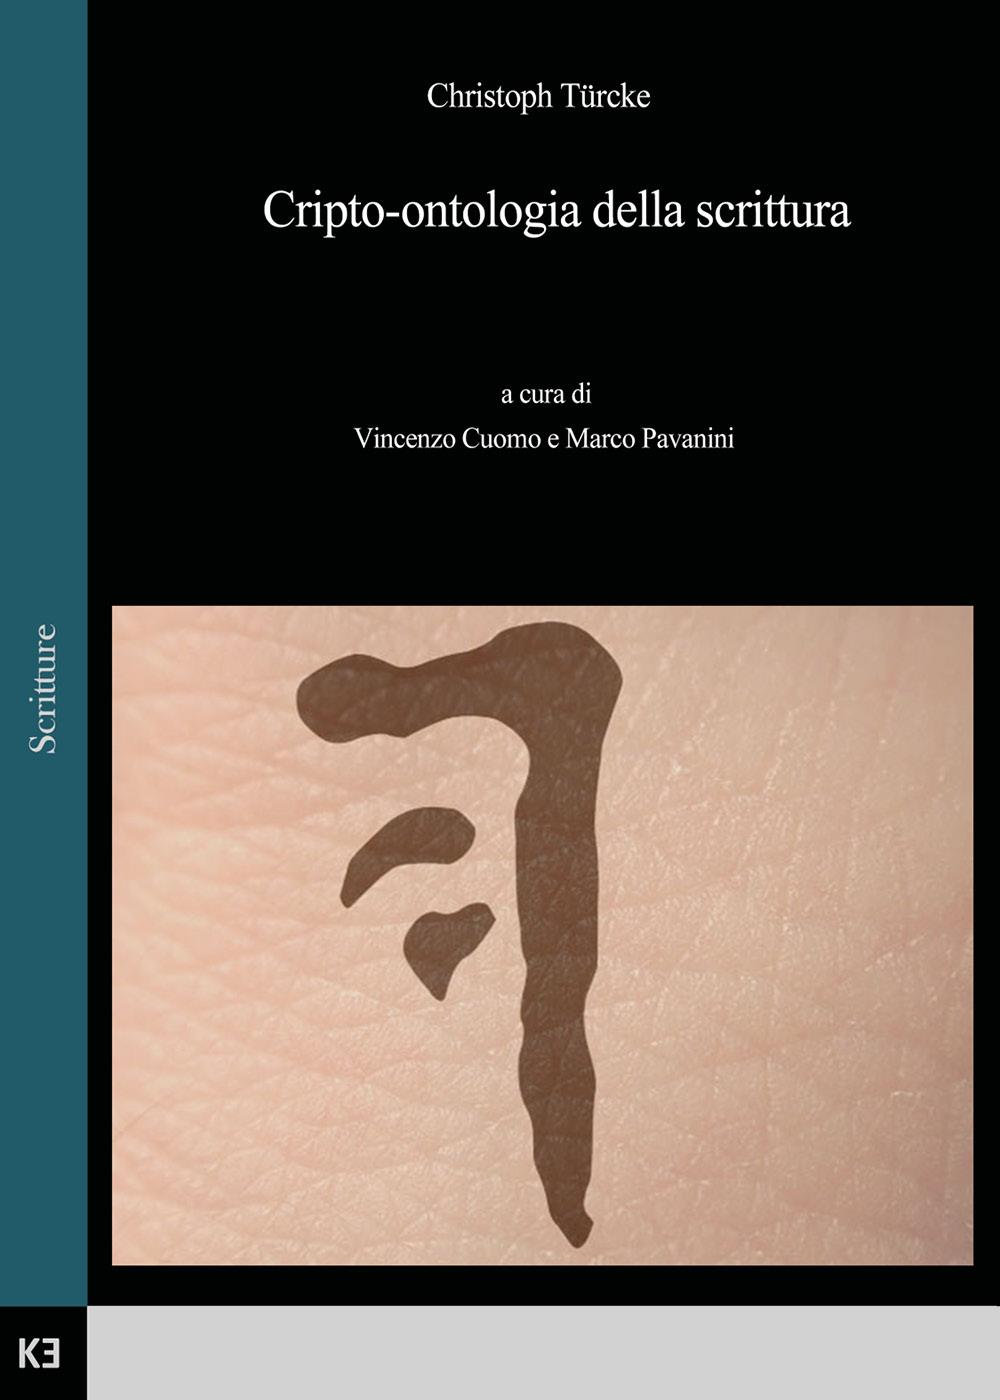 Cripto-ontologia della scrittura